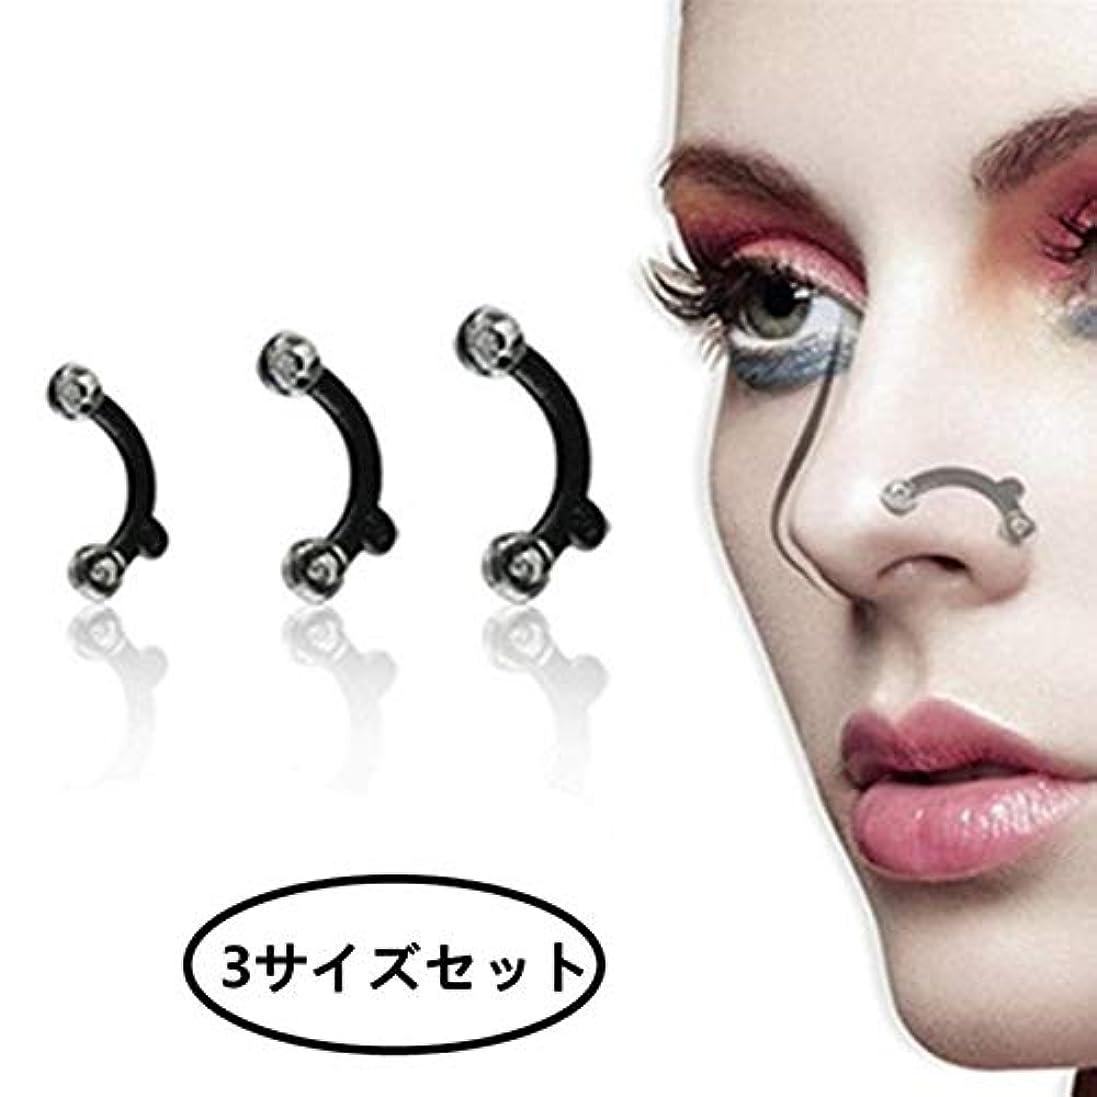 やがて抑制接触鼻プチ 柔軟性高く ビューティー 矯正プチ 整形せ 24.5mm/25.5mm/27mm 全3サイズセット ブラック